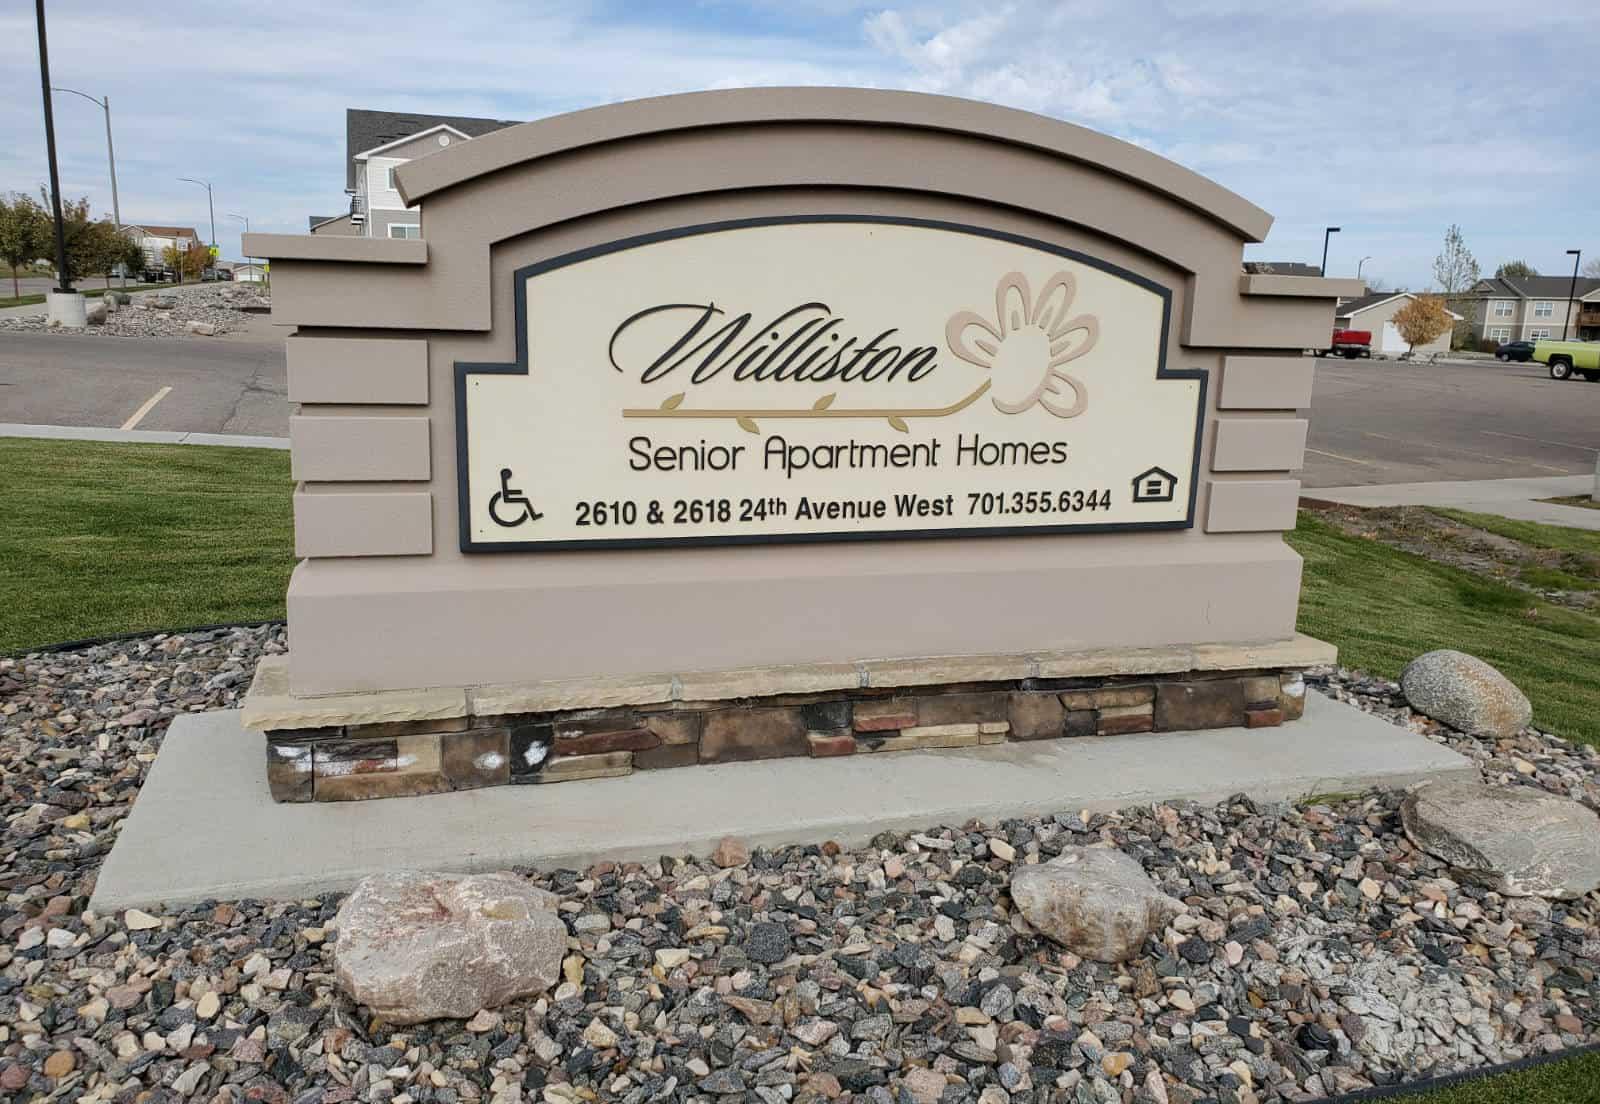 Williston Senior Apartment Homes